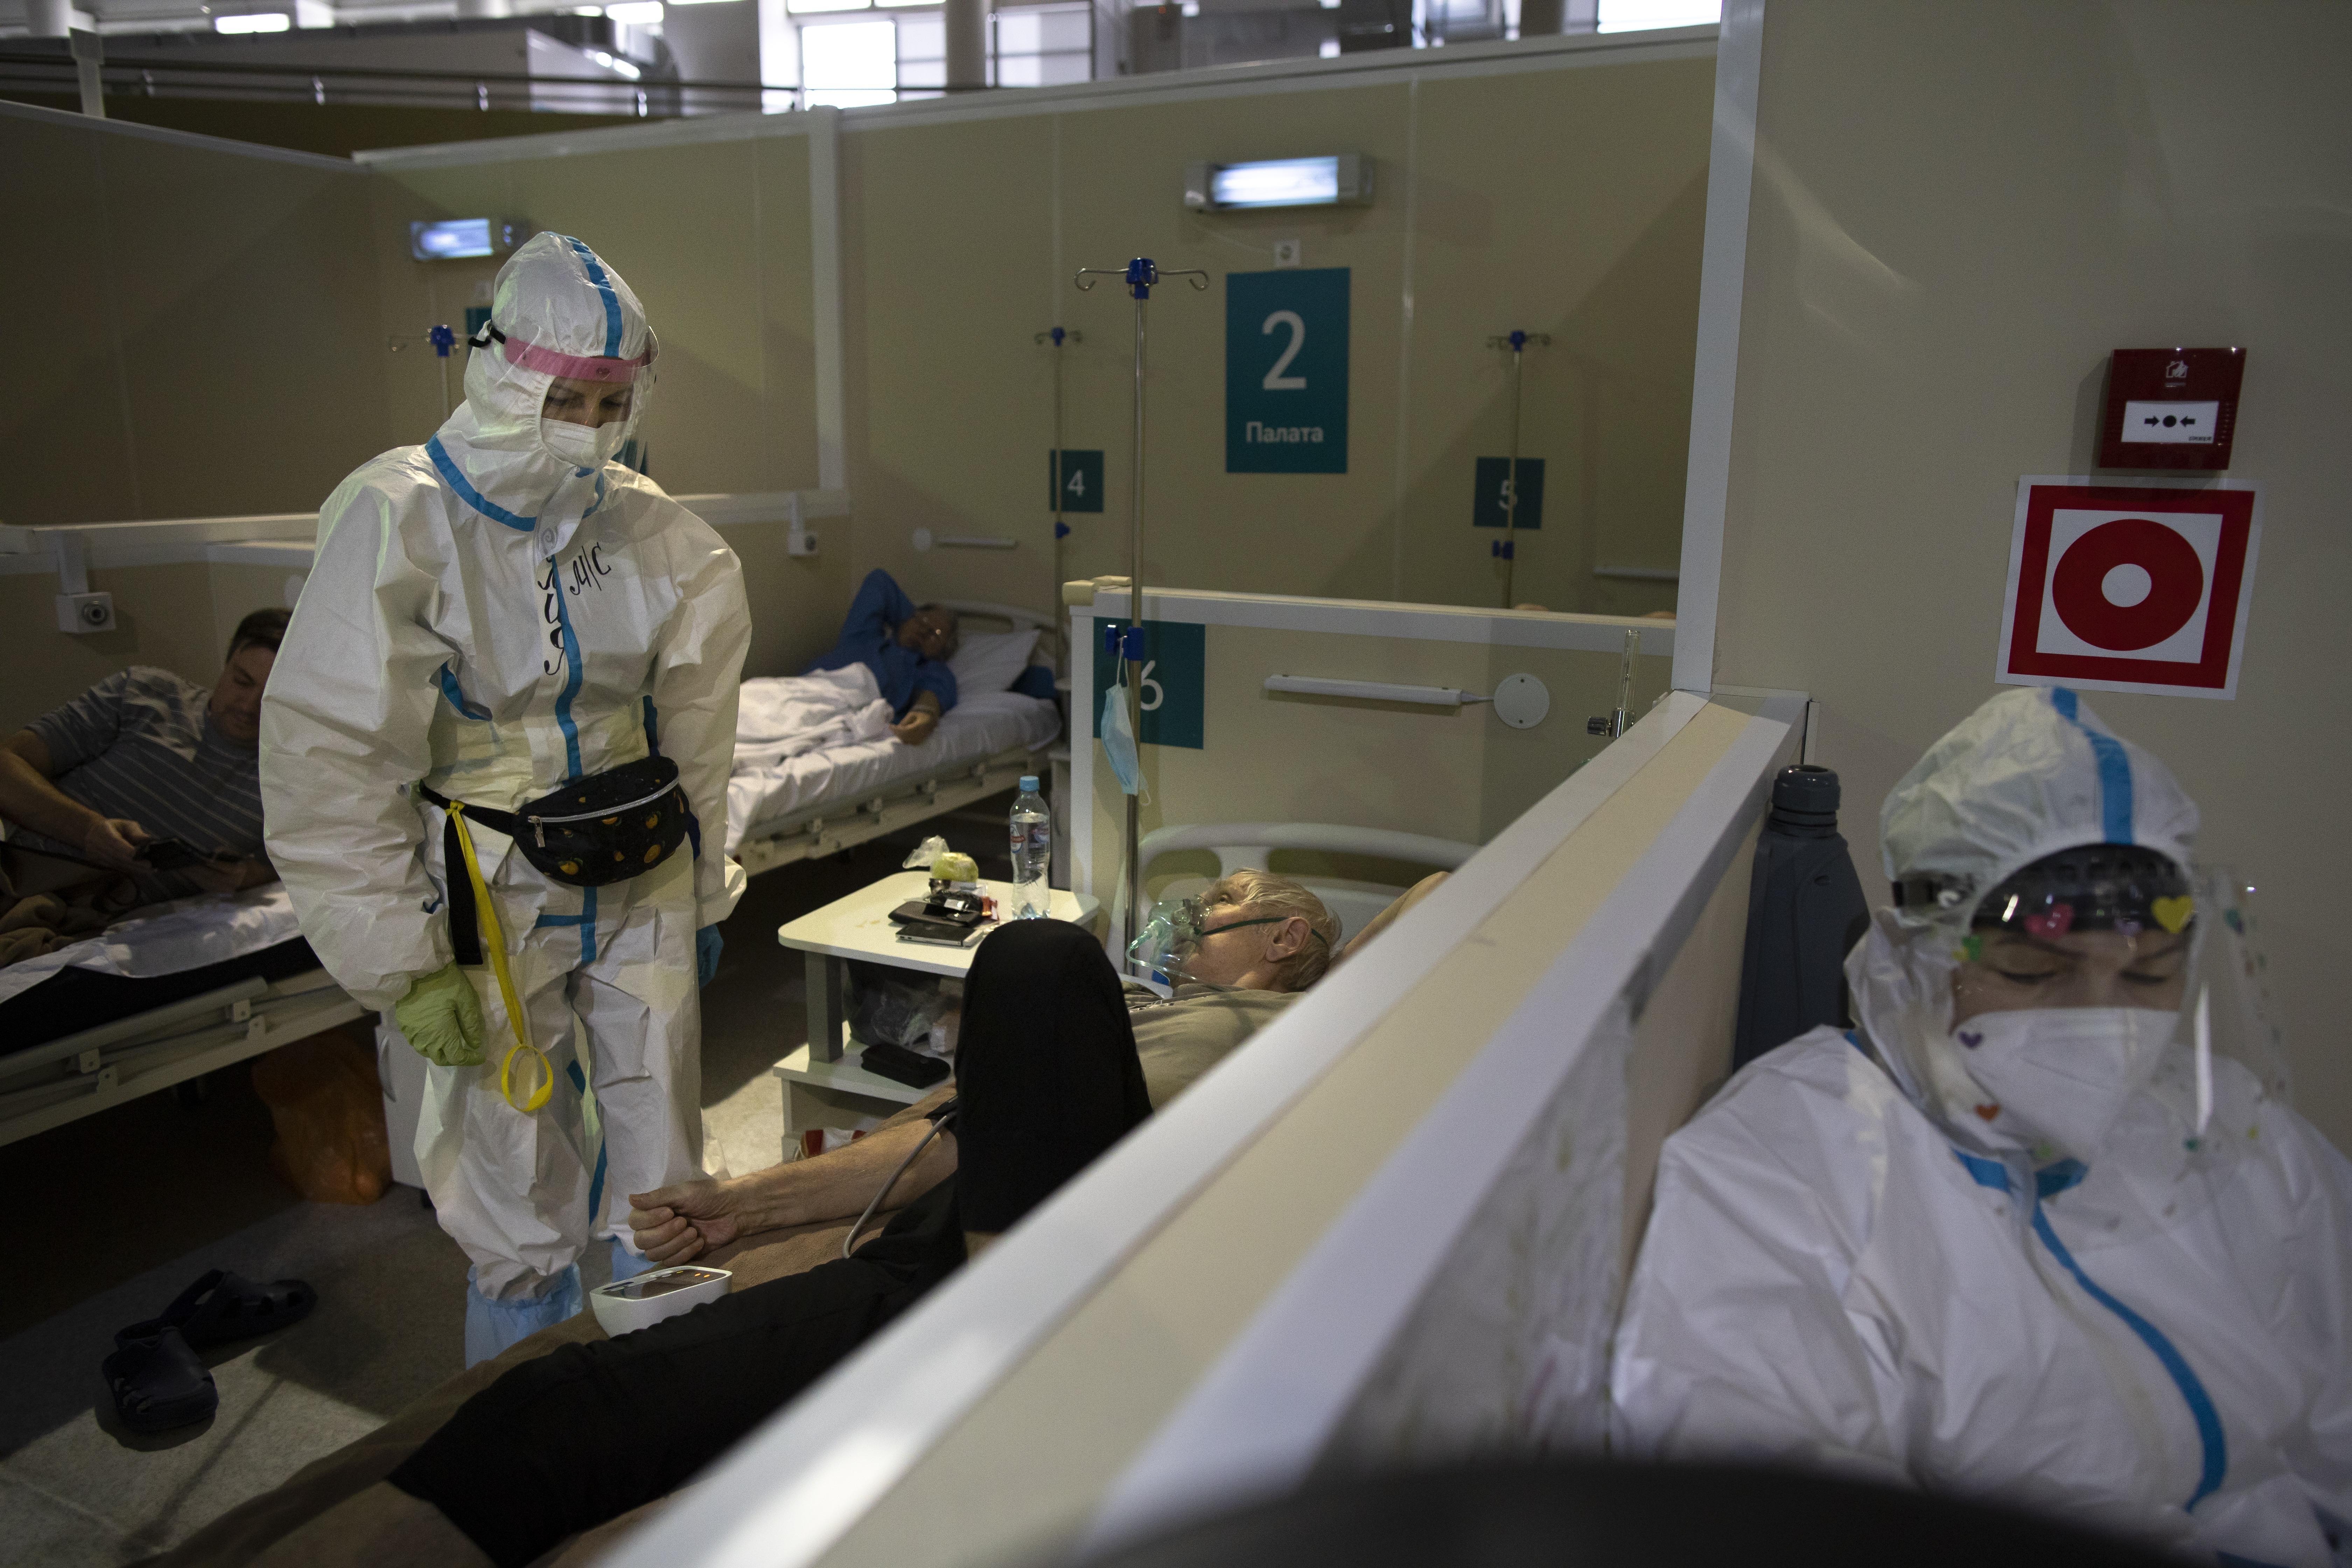 Эксперт Минздрава спрогнозировал срок окончания эпидемии коронавируса в России